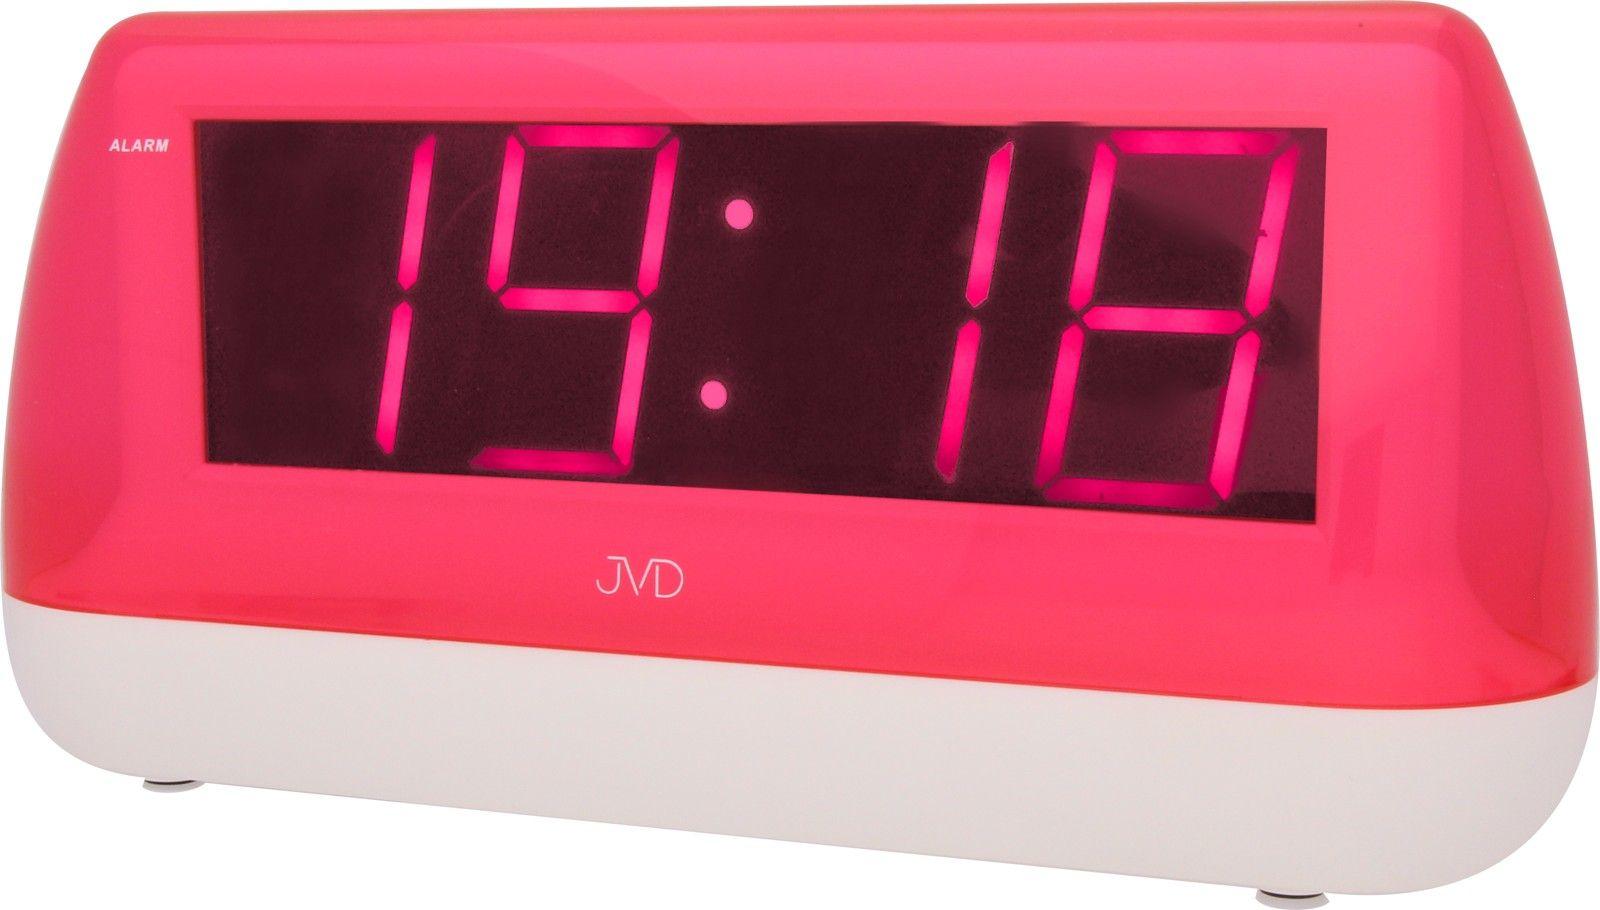 Svítící velký digitální budík JVD SB1823.1 s růžovými číslicemi do el. sítě